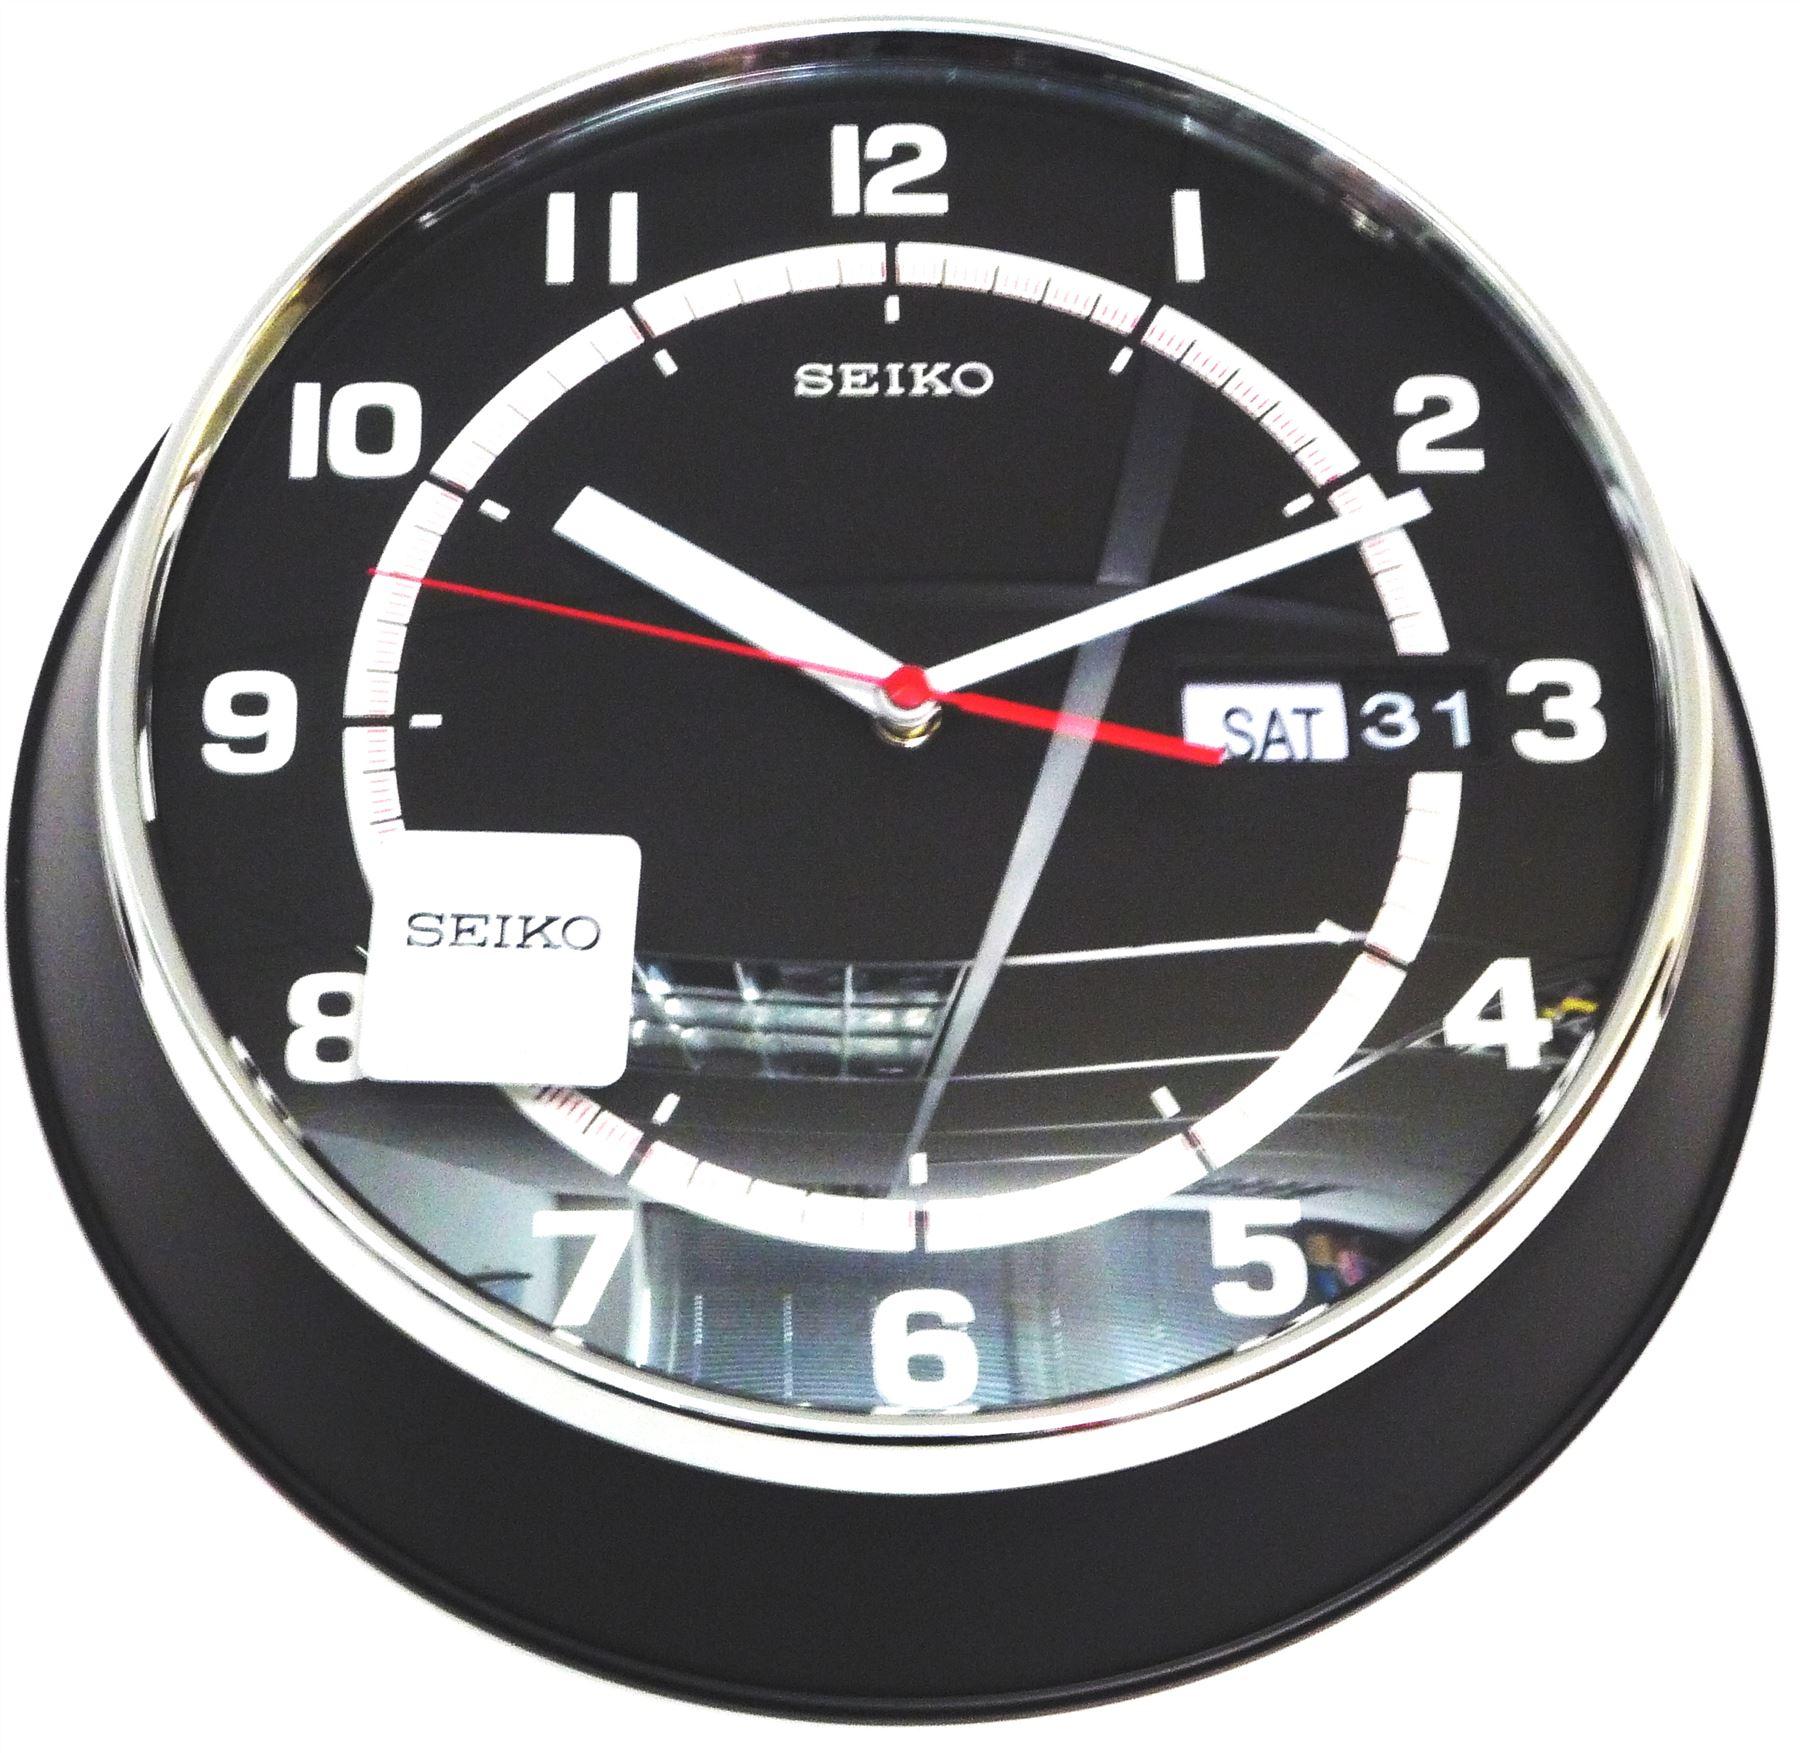 Seiko quartz wall clock black dial arabic numerals day for Seiko quartz wall clock